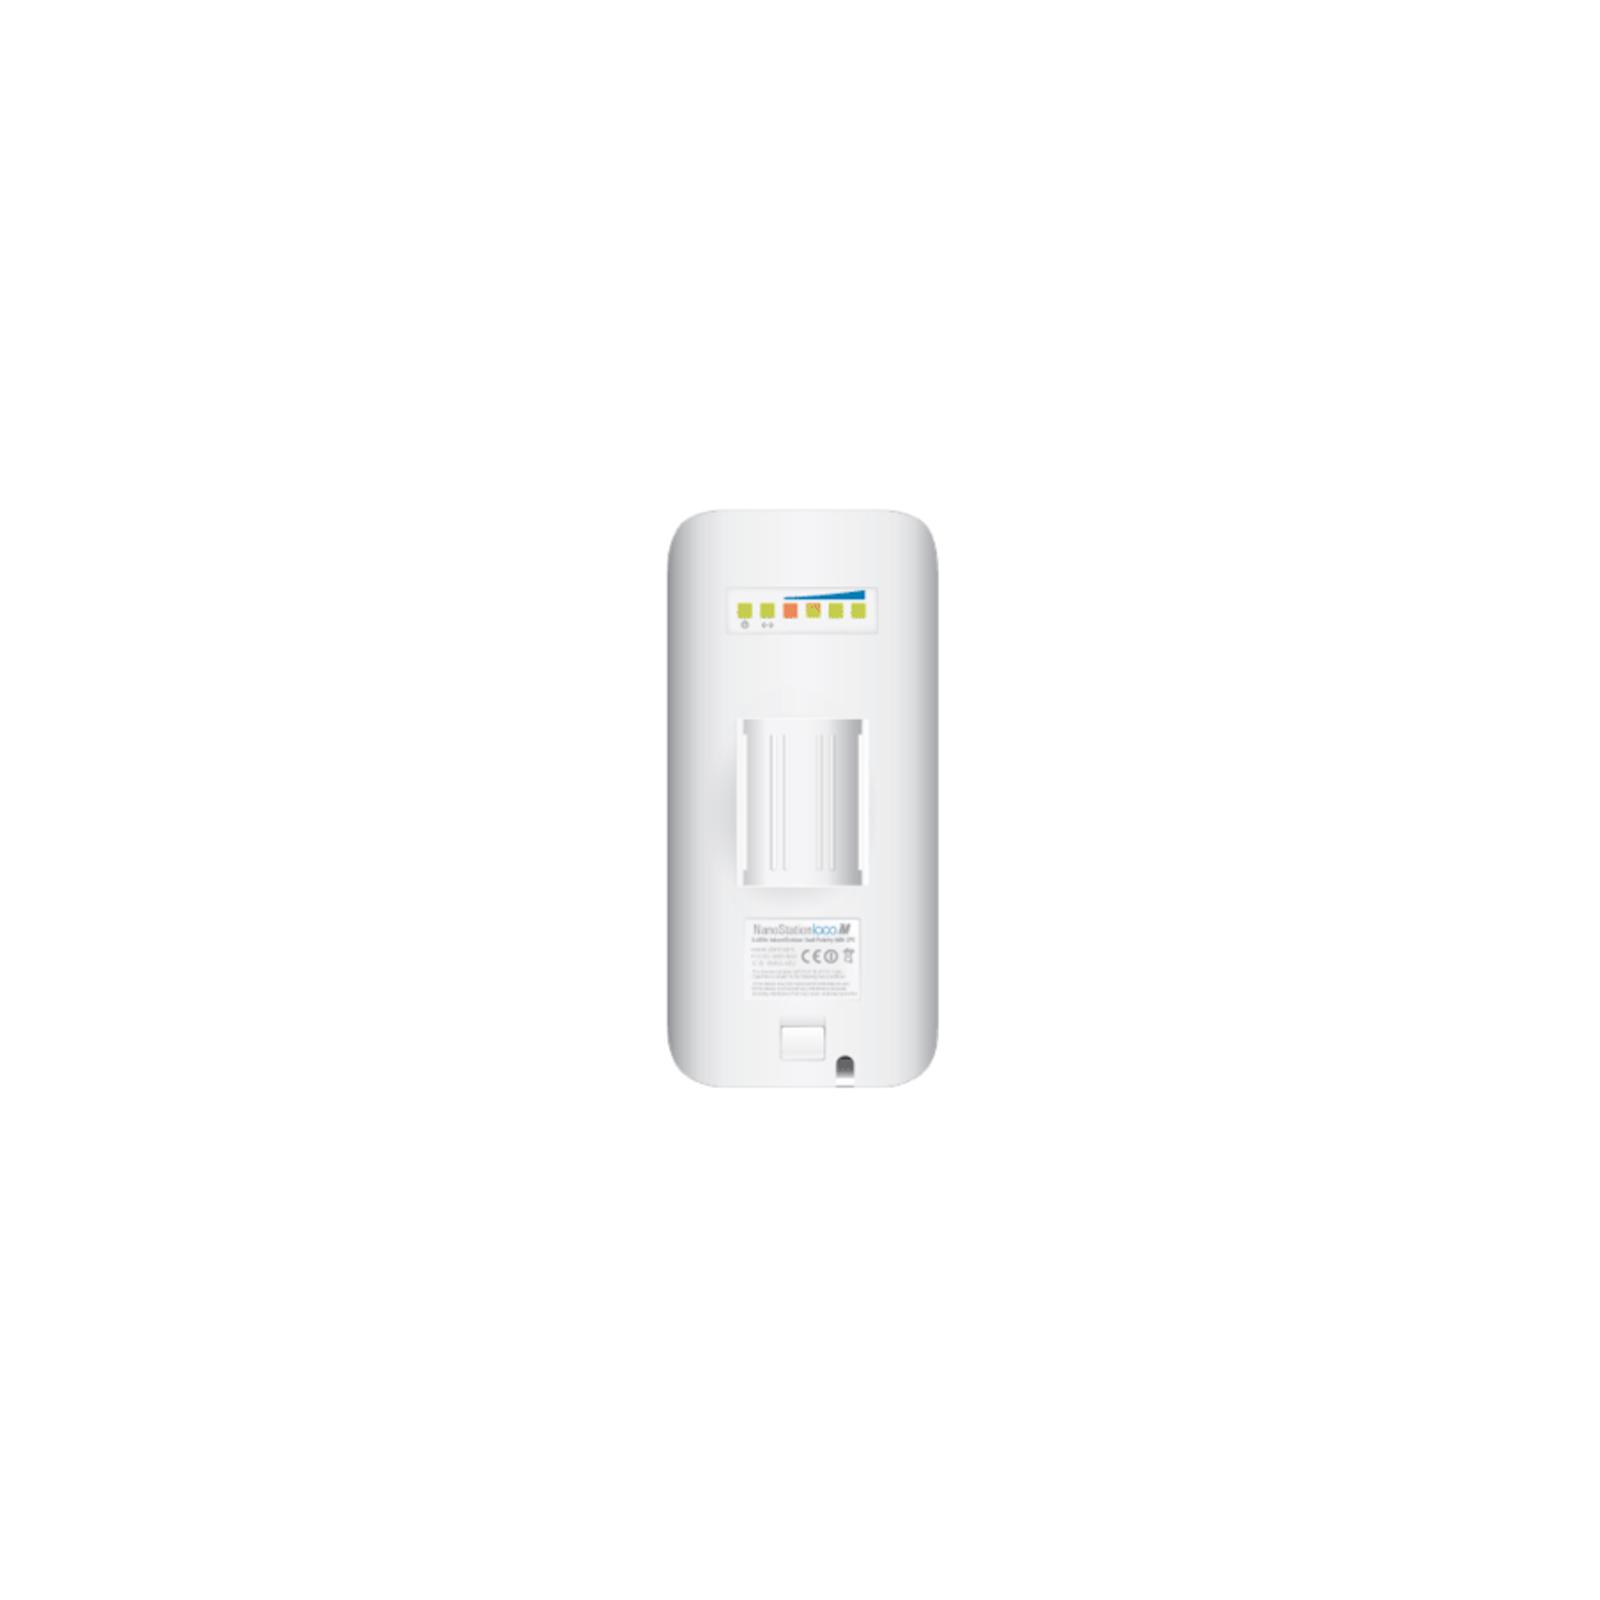 Точка доступа Wi-Fi Ubiquiti LOCO M5 изображение 3